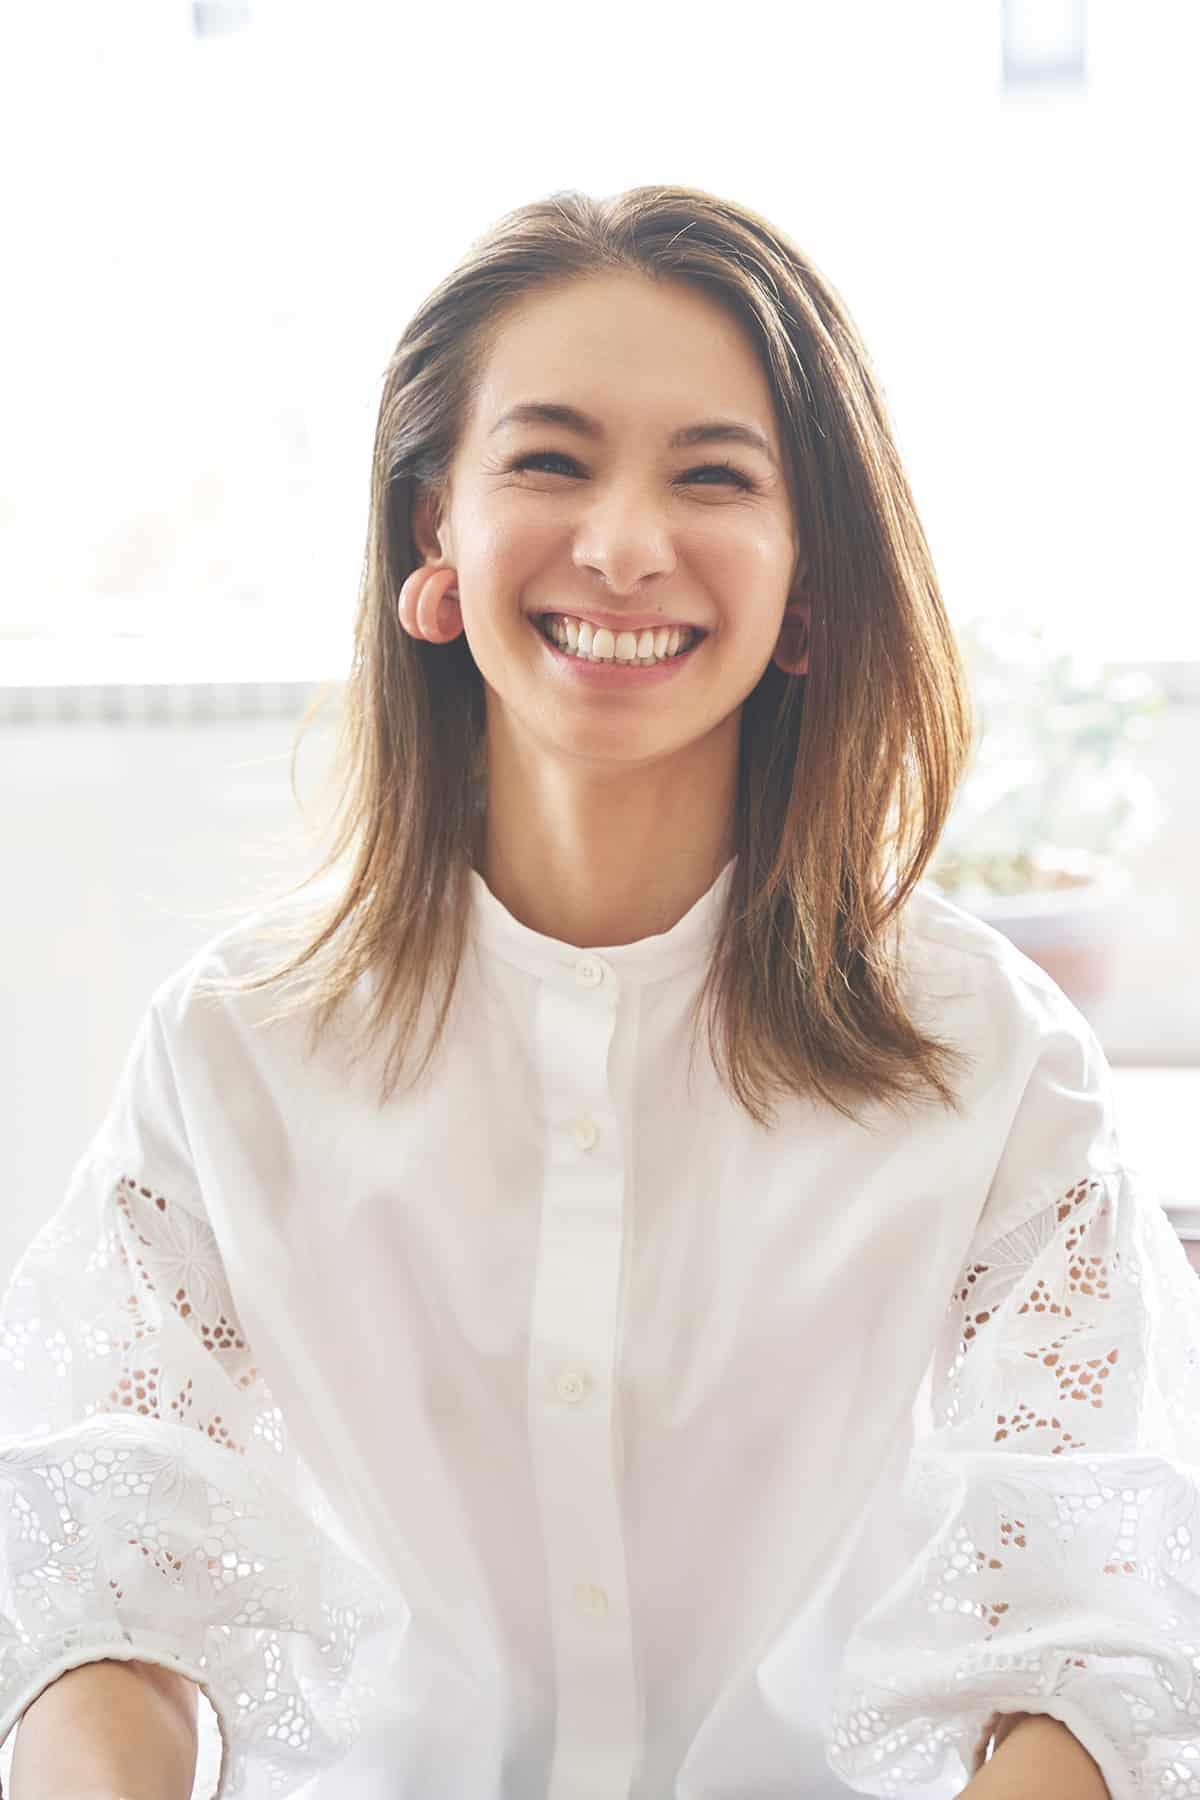 稲沢朋子さん